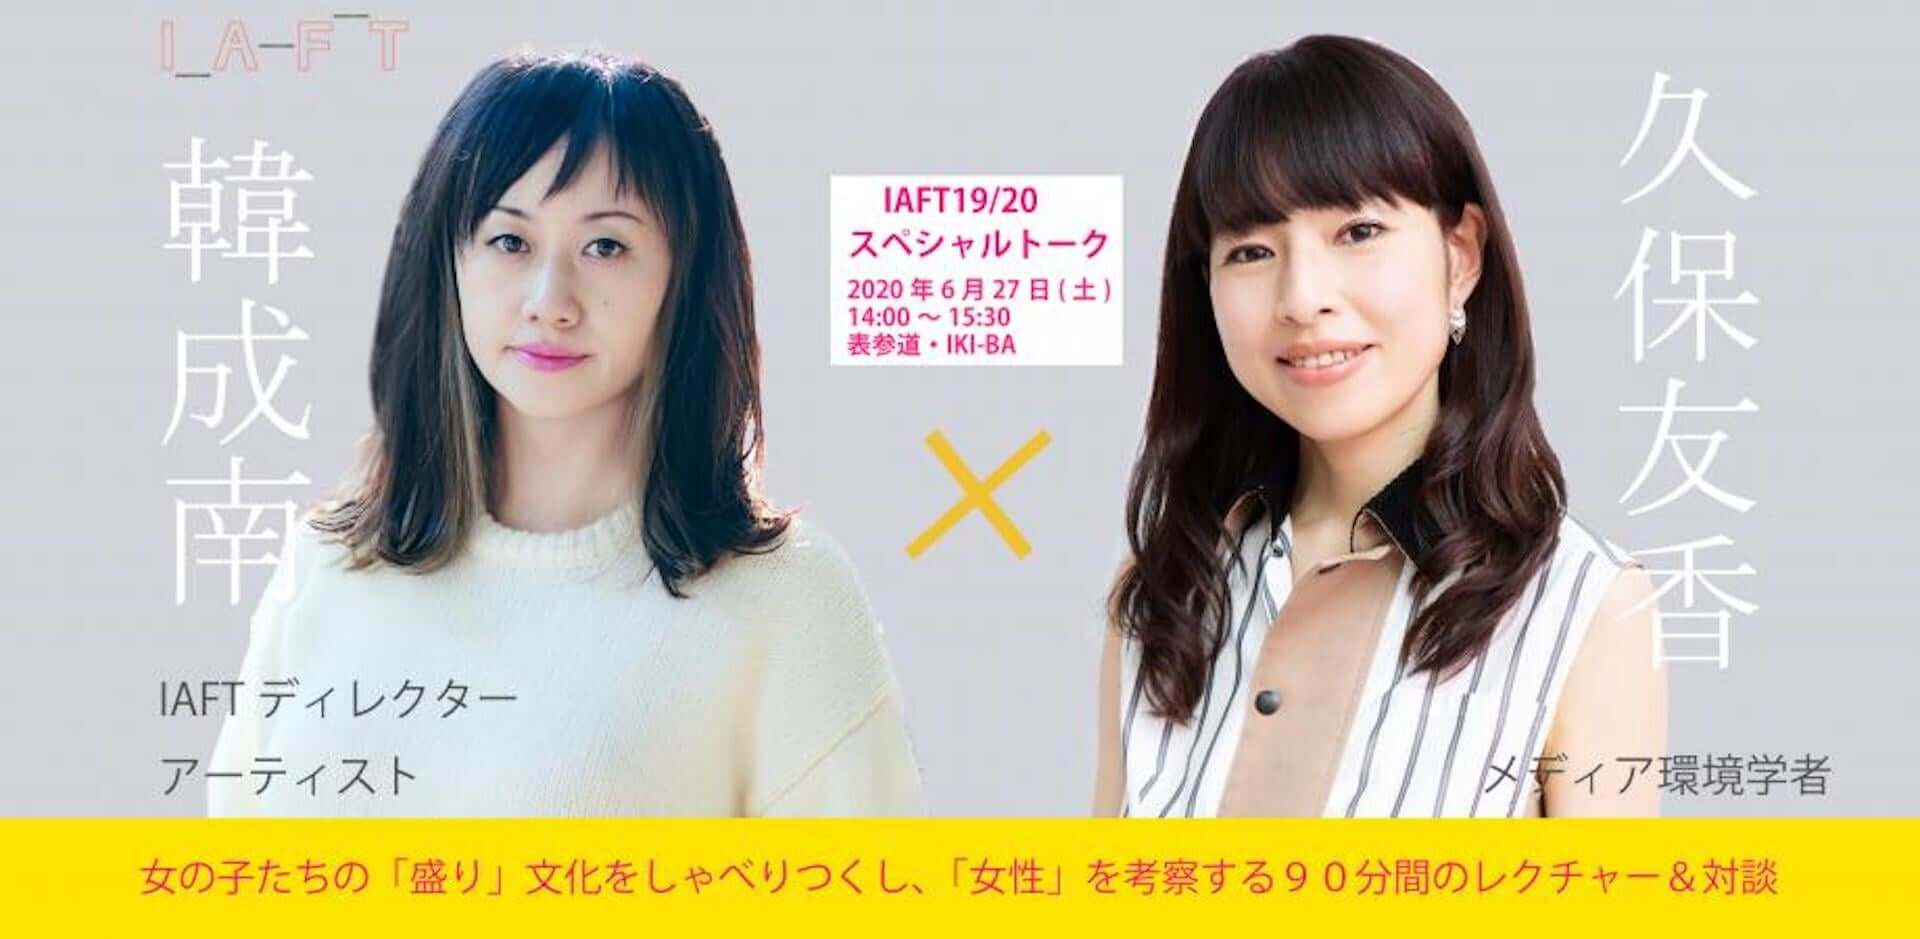 「インスタ映え」はなぜ生まれたのか?日本女性の「盛り」文化を考察する<IAFT19/20 スペシャルトーク>が表参道COMMUNEにて開催決定 art200624_iaft1920talk_1-1920x939